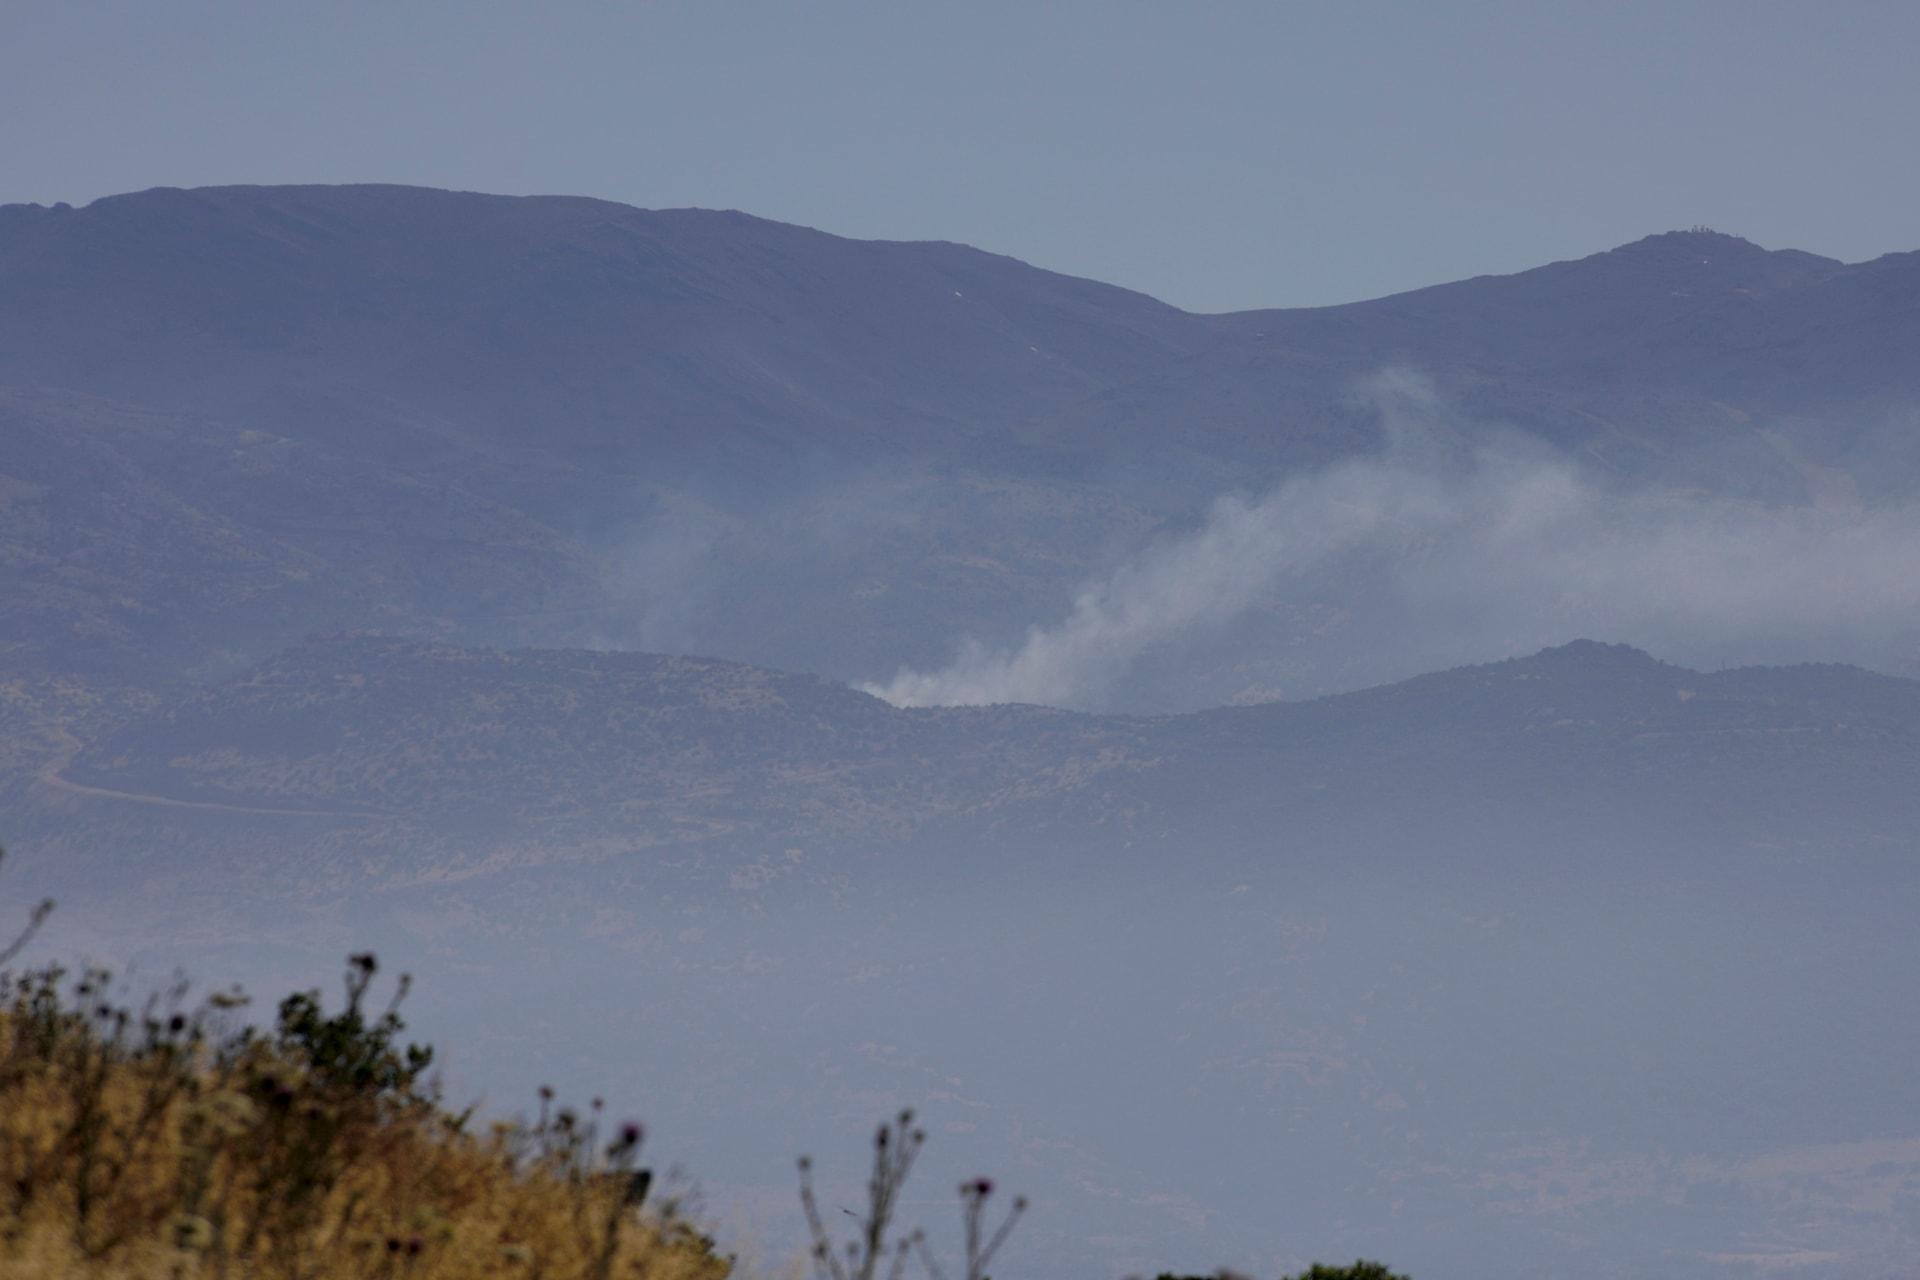 بعد قصف متبادل.. اليونيفيل: وقف إطلاق النار بين جنوب لبنان وإسرائيل